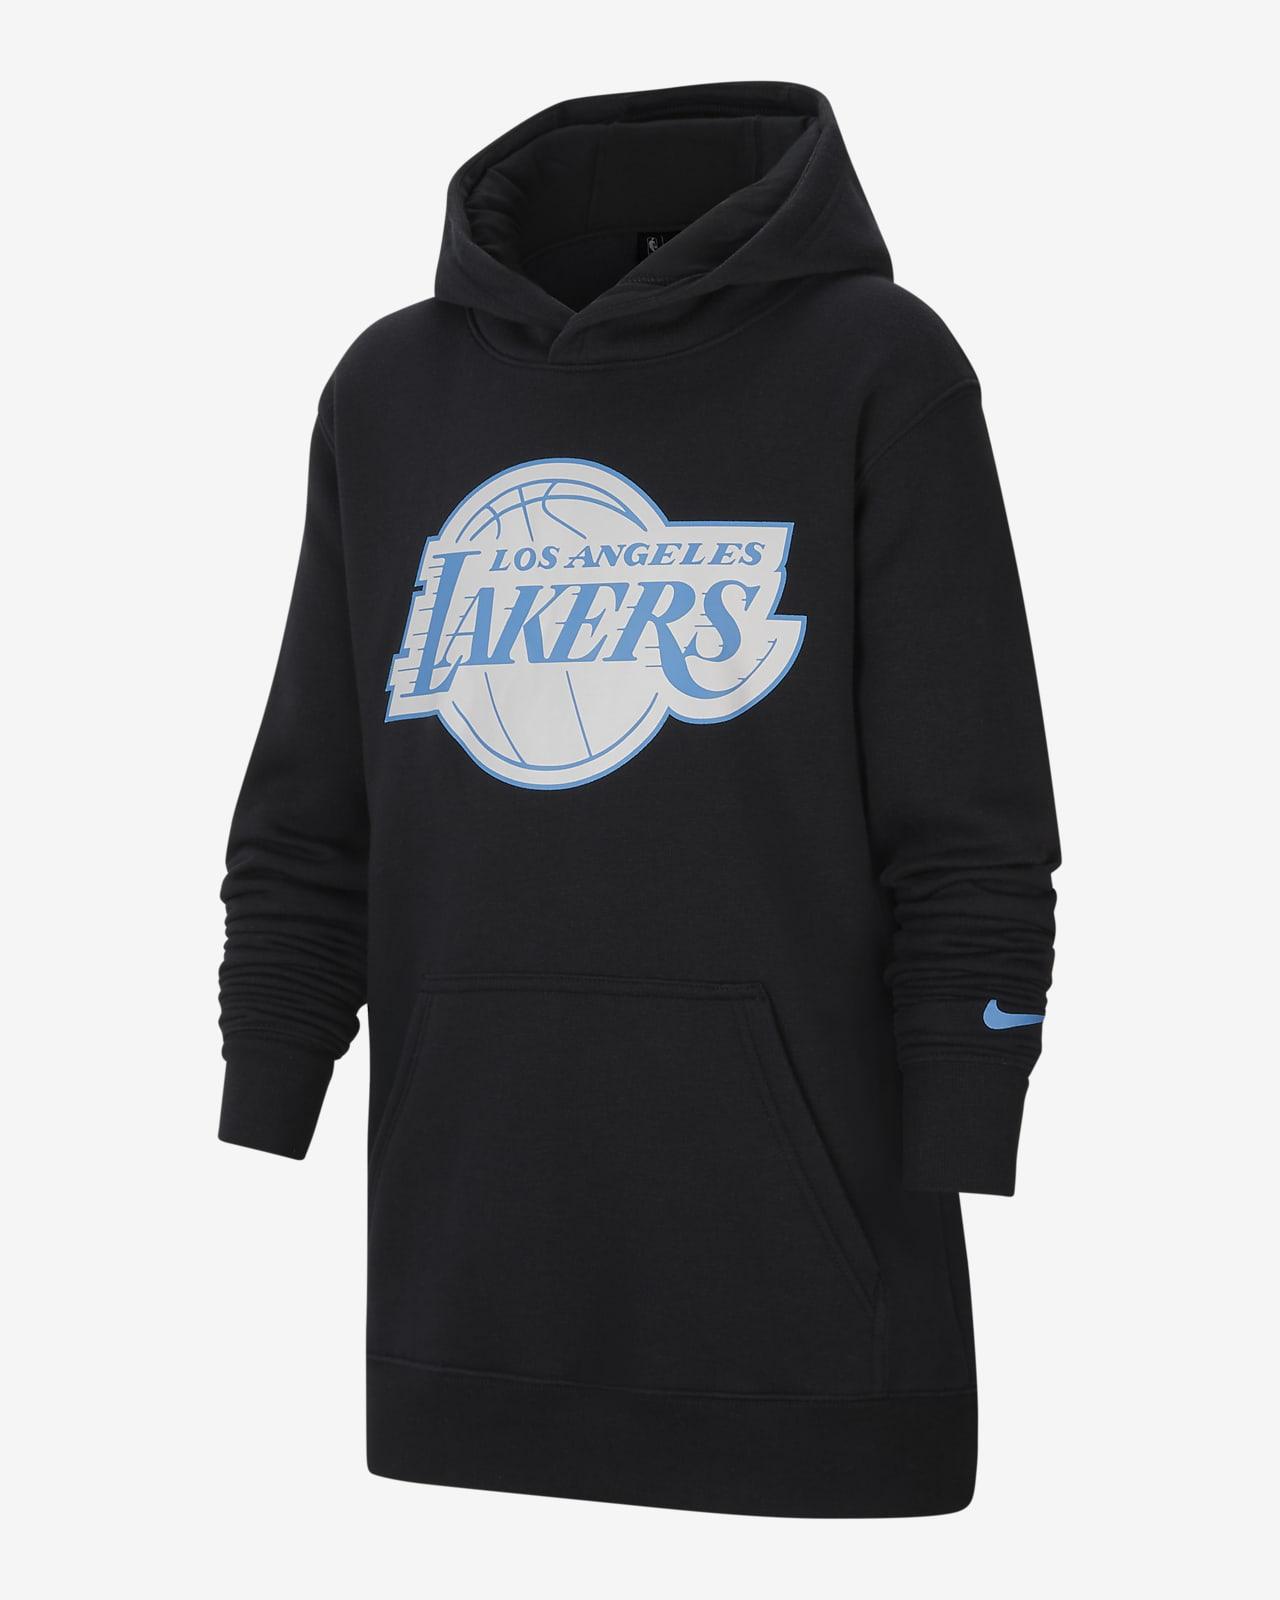 Los Angeles Lakers City Edition Nike NBA-s kapucnis polárpulóver nagyobb gyerekeknek